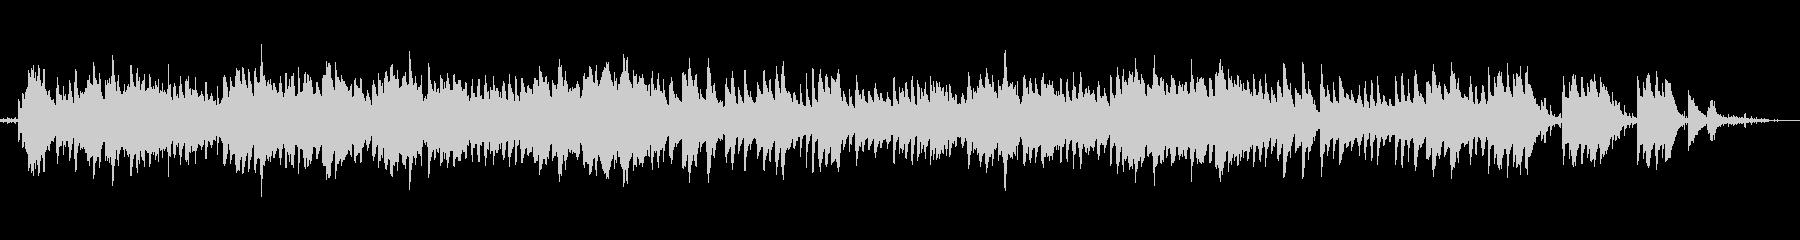 川のせせらぎ自然音ヒーリングクラシックの未再生の波形